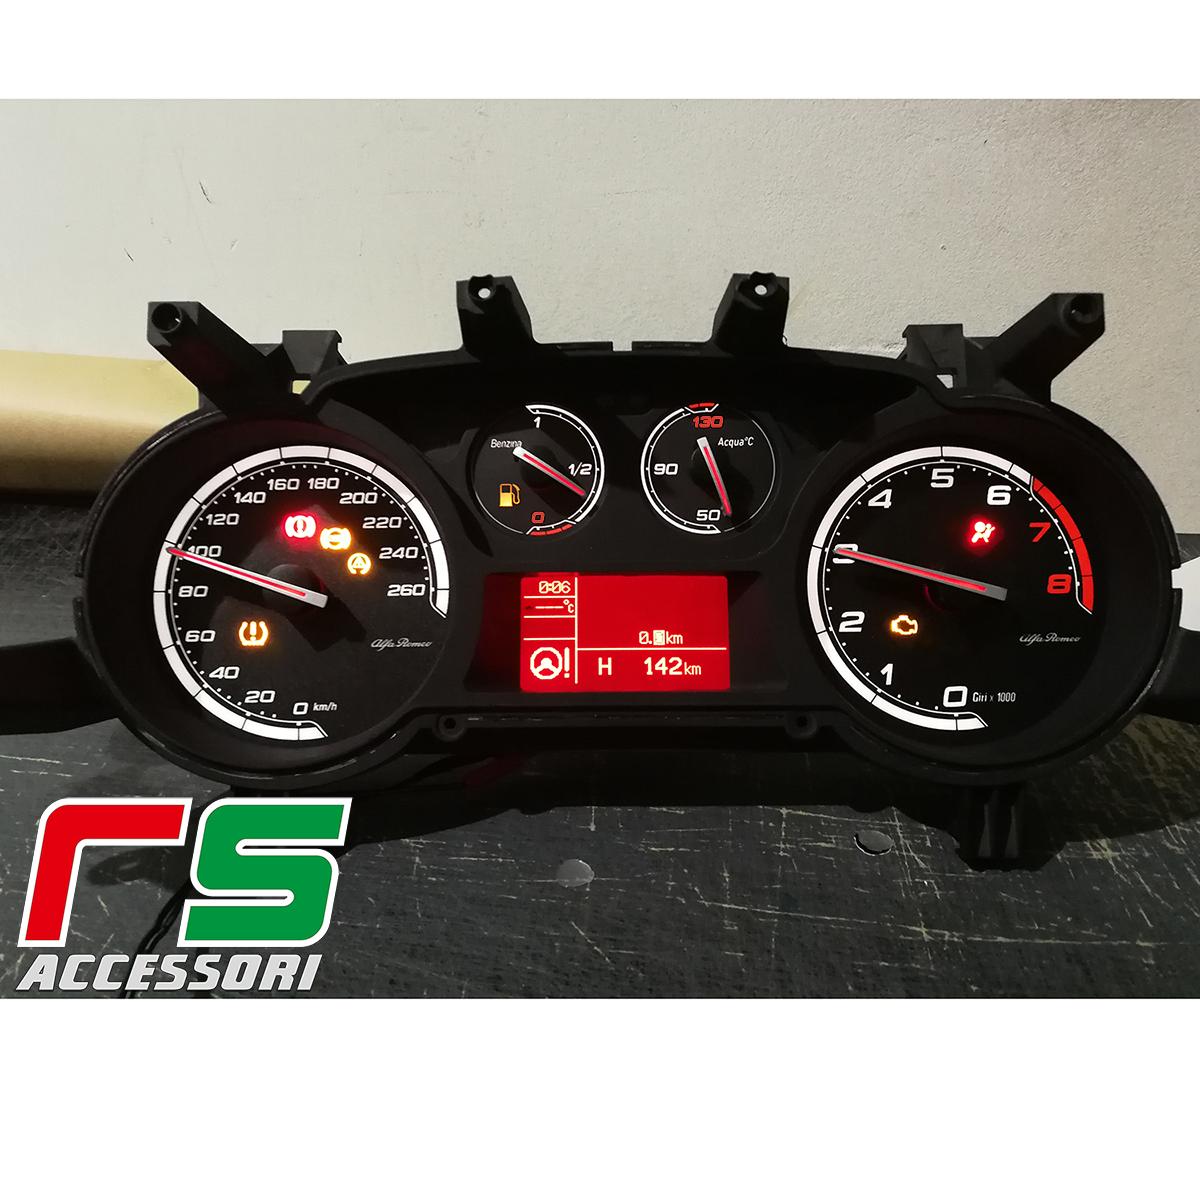 strumentazione fondini personalizzati Alfa Romeo Giulietta benzina